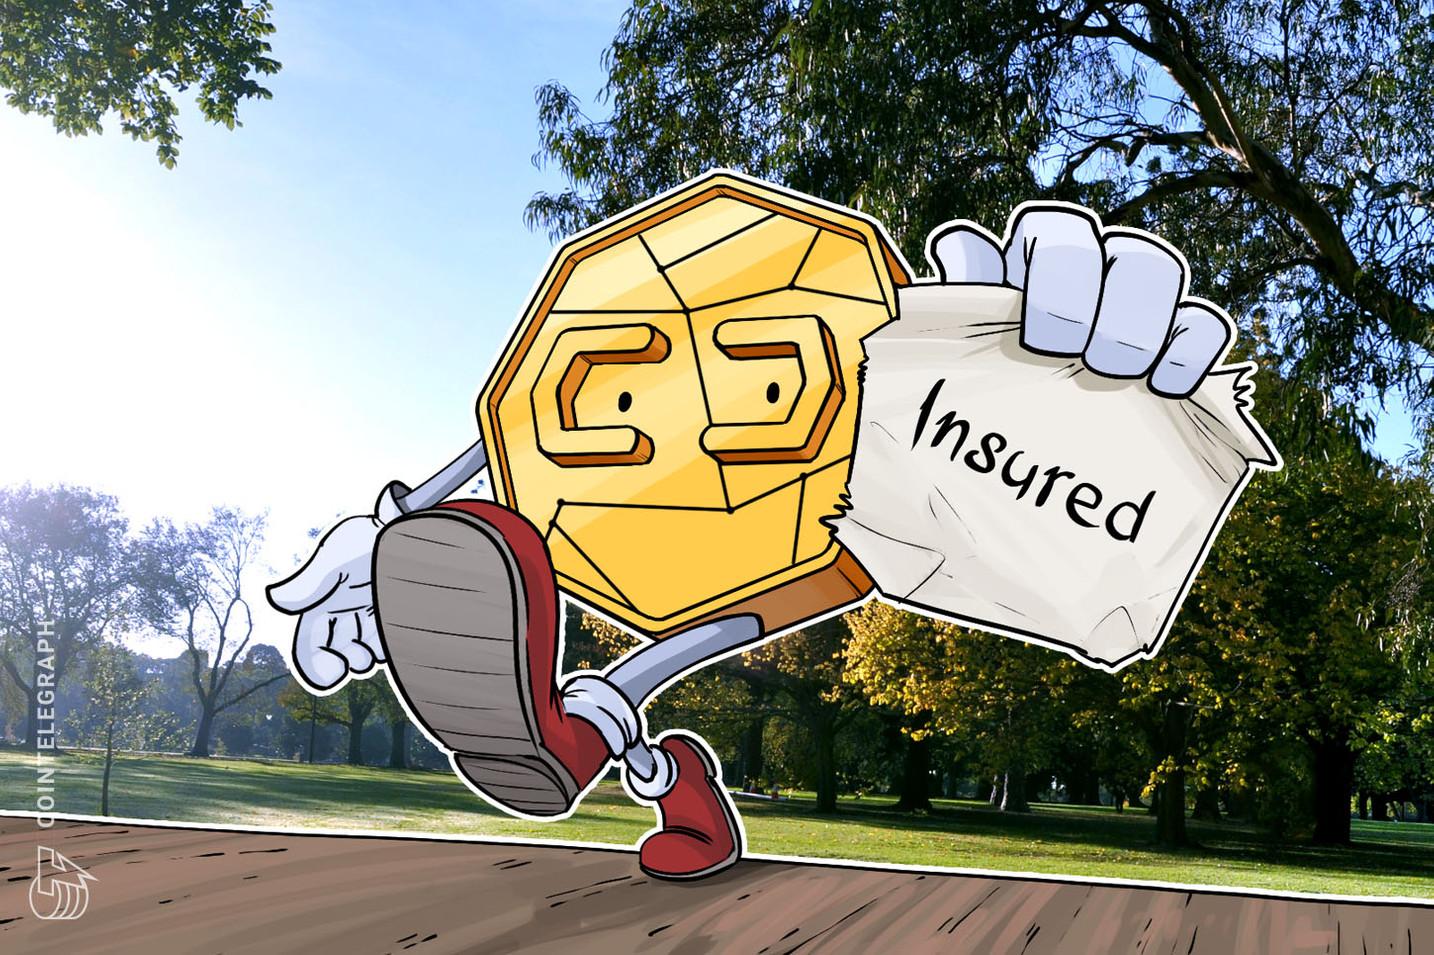 Versicherungsriese Aon gibt Krypto-Depot-Anbieter Verbrechensschutz